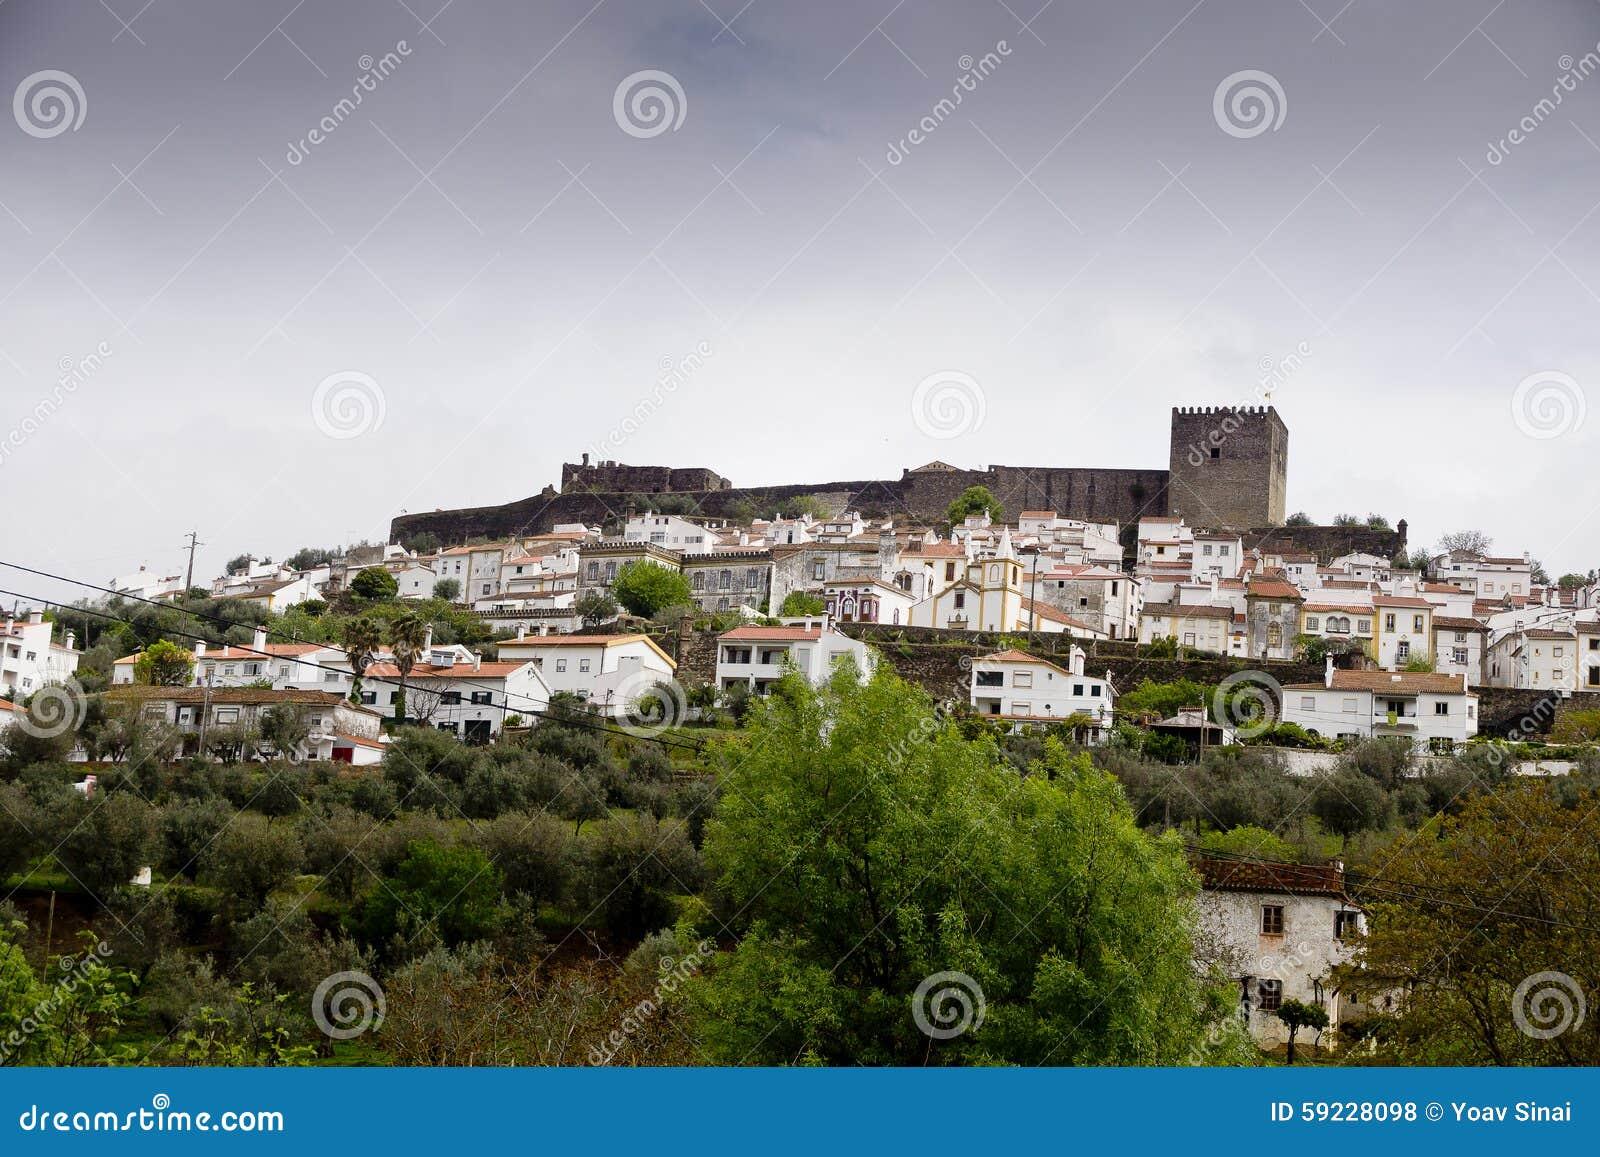 Download Opinión Castelo De Vide Portugal Foto de archivo - Imagen de casas, cityscape: 59228098